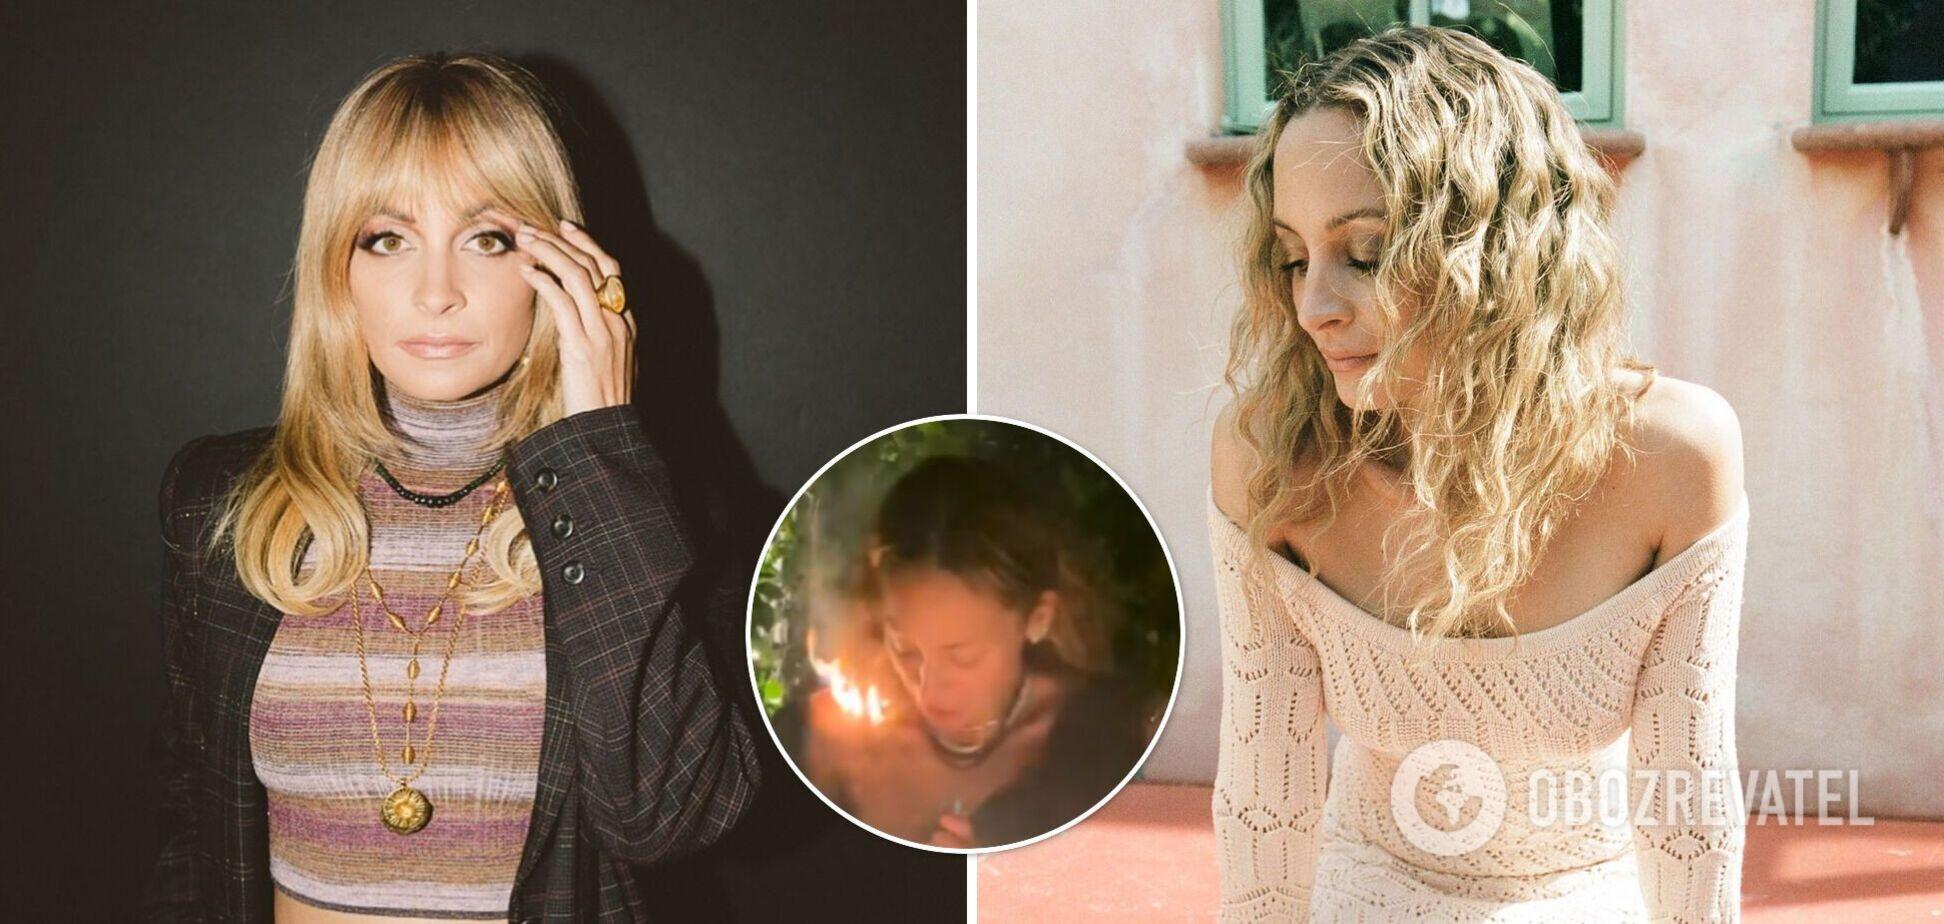 Акторка Ніколь Річі підпалила собі волосся на дні народження. Відео